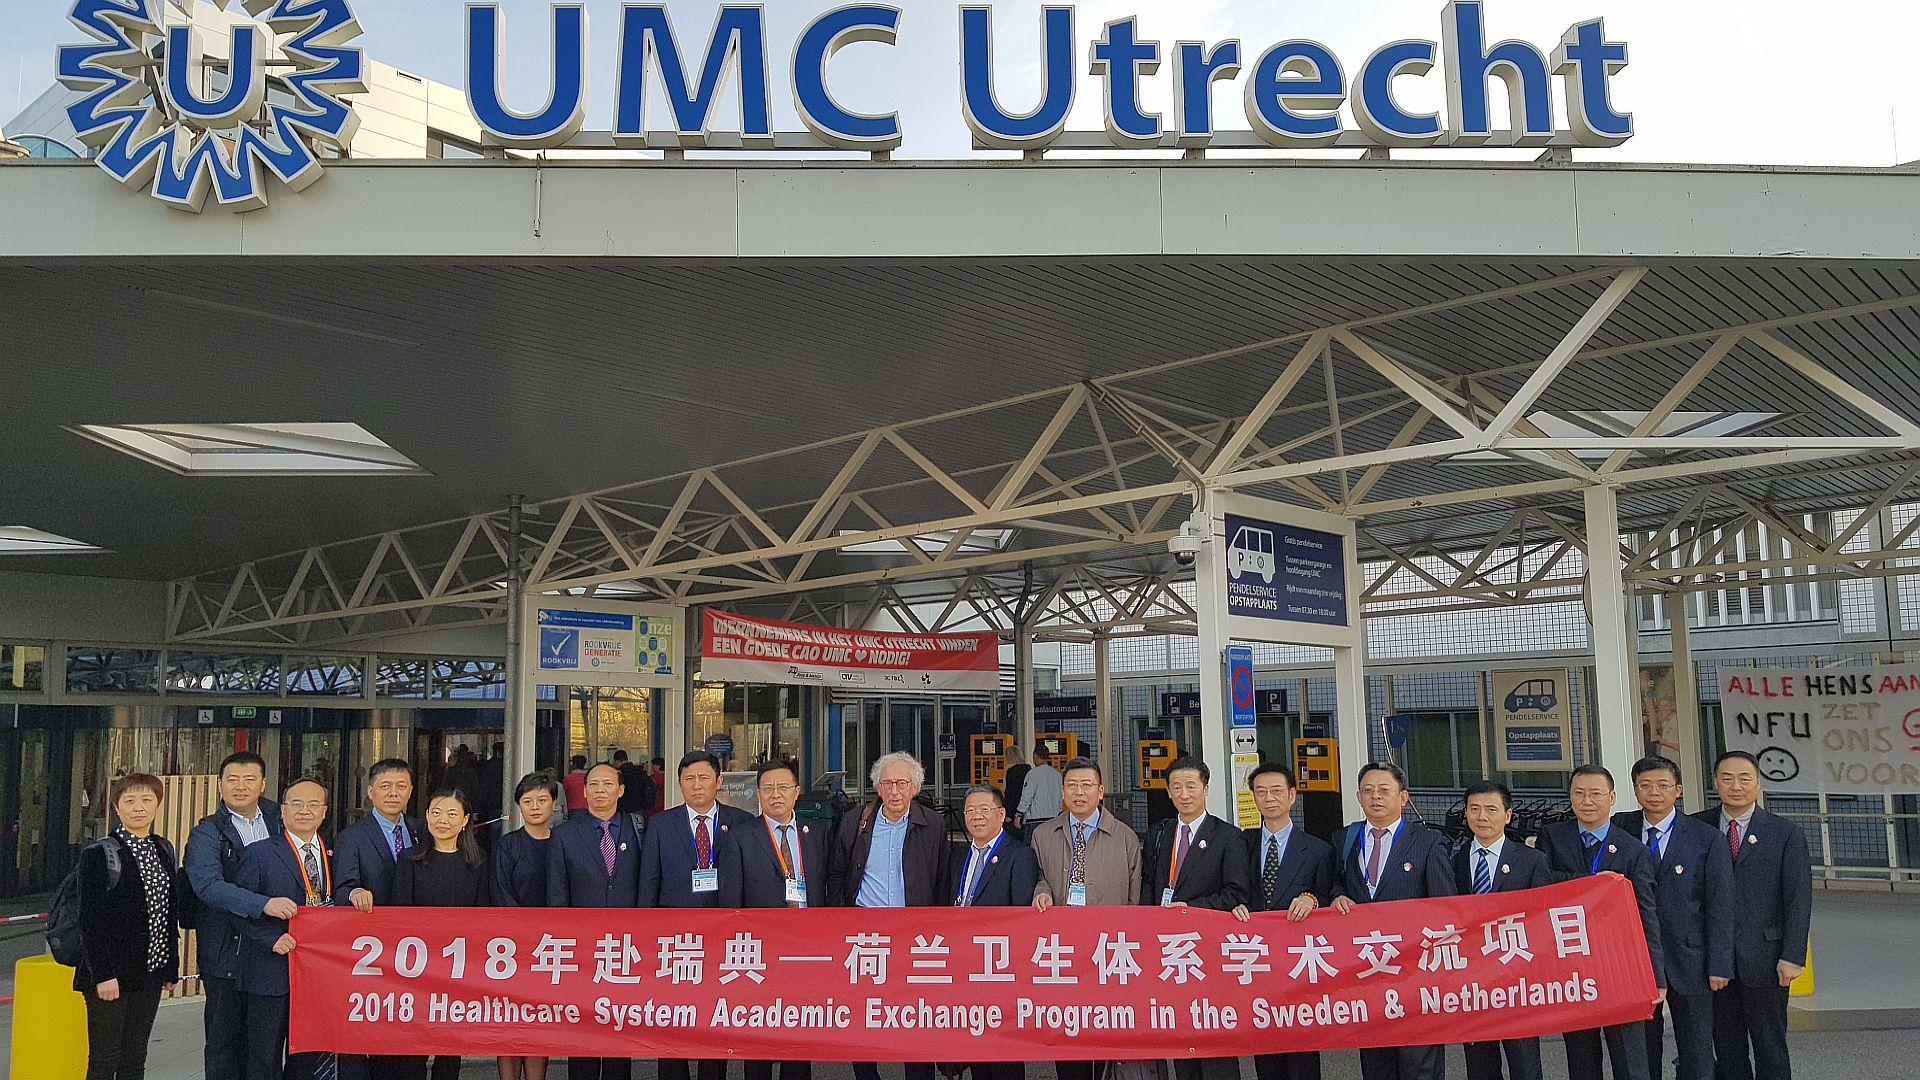 Tijdens het staatsbezoek van premier Li vorige week aan ons land heb ik college gegeven aan 25 Chinese ziekenhuisdirecteuren. Bijna alle vragen gingen over onze huisartsenzorg.